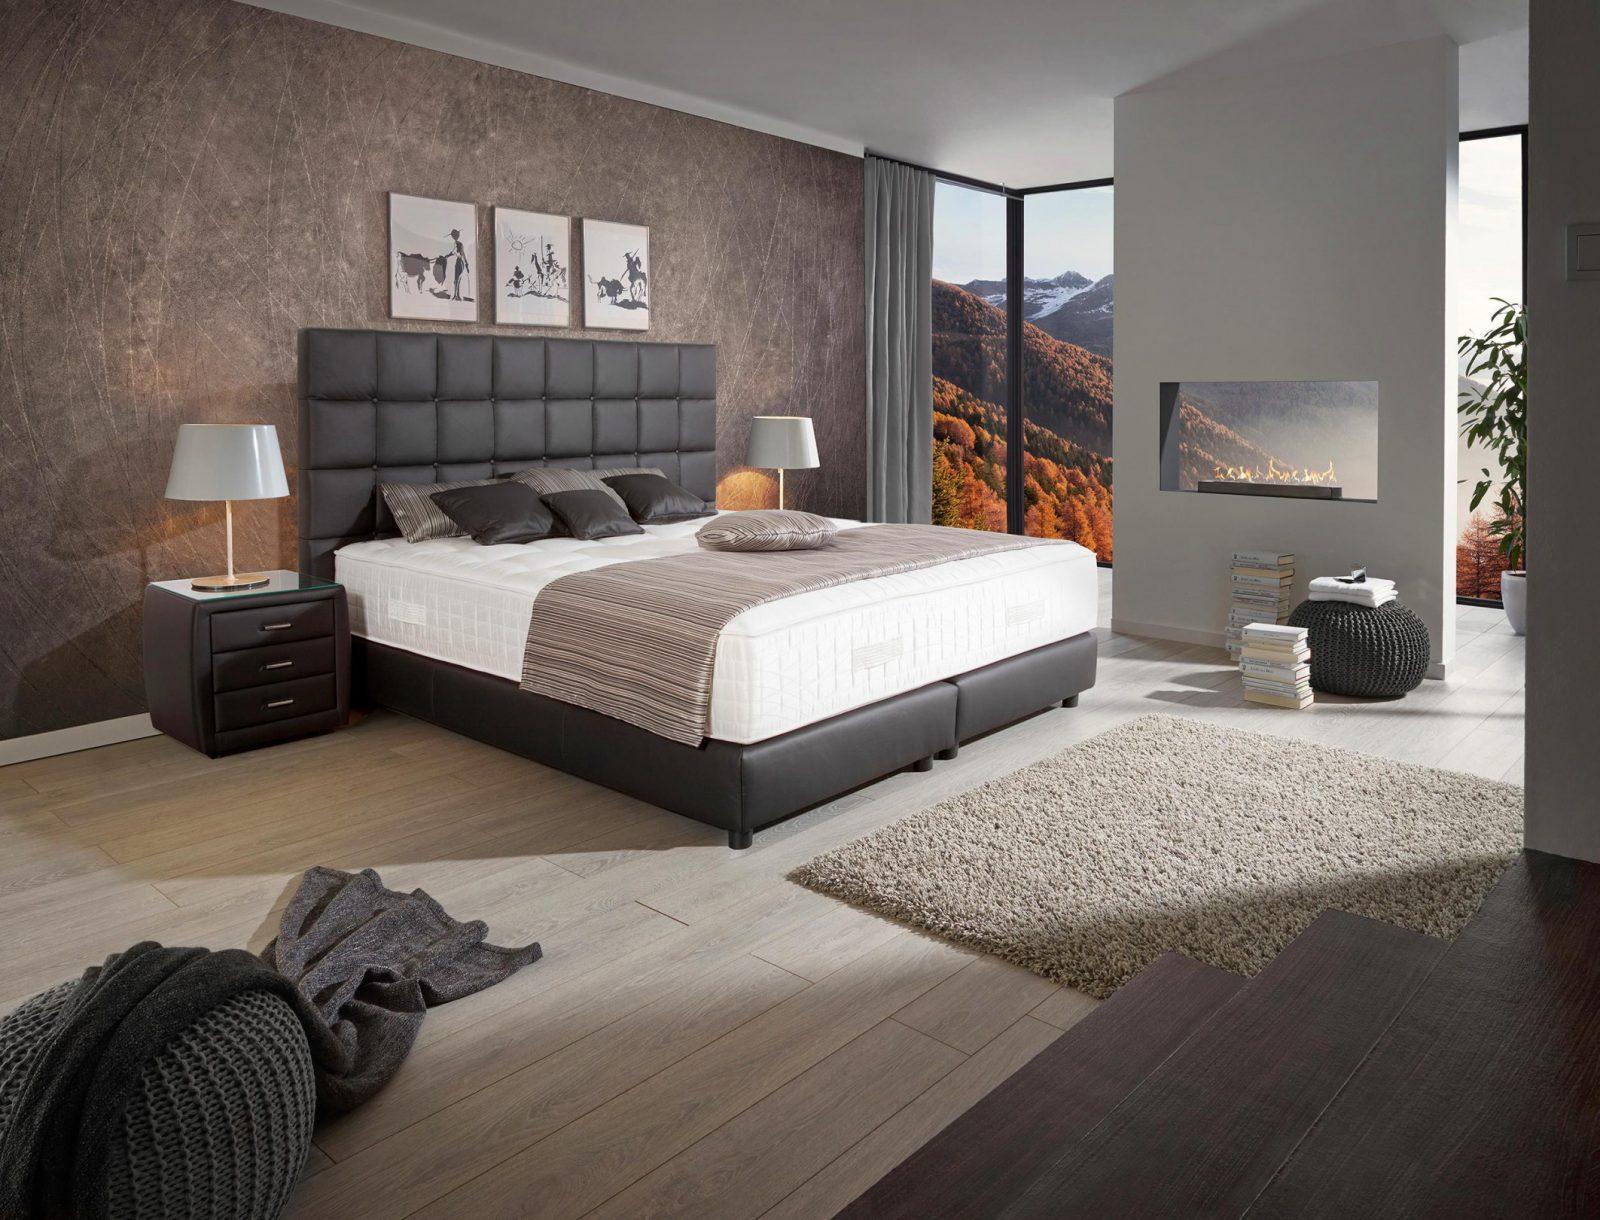 Schlafzimmerwandgestaltung Lass Dich Inspirieren von Schlafzimmer Boxspringbett Ideen Photo